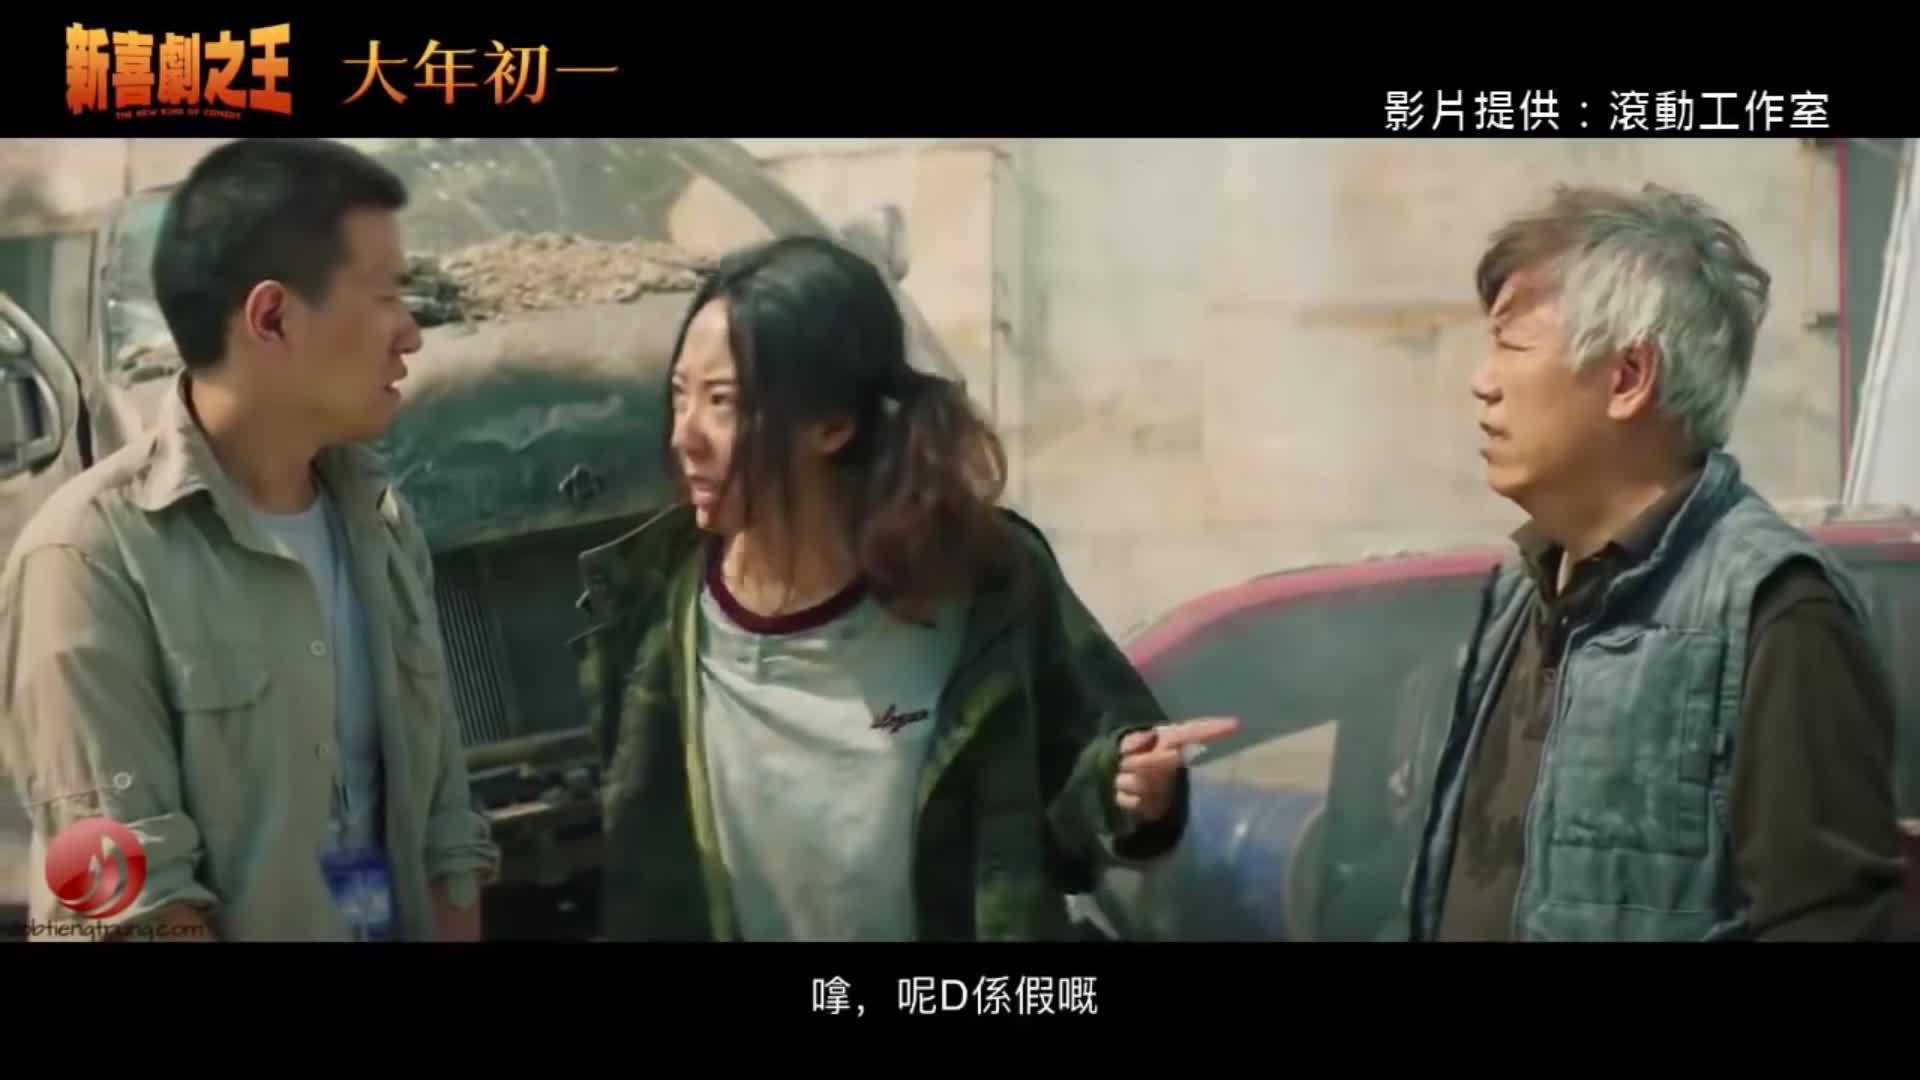 Trailer Vua hài 2 (Châu Tinh Trì)